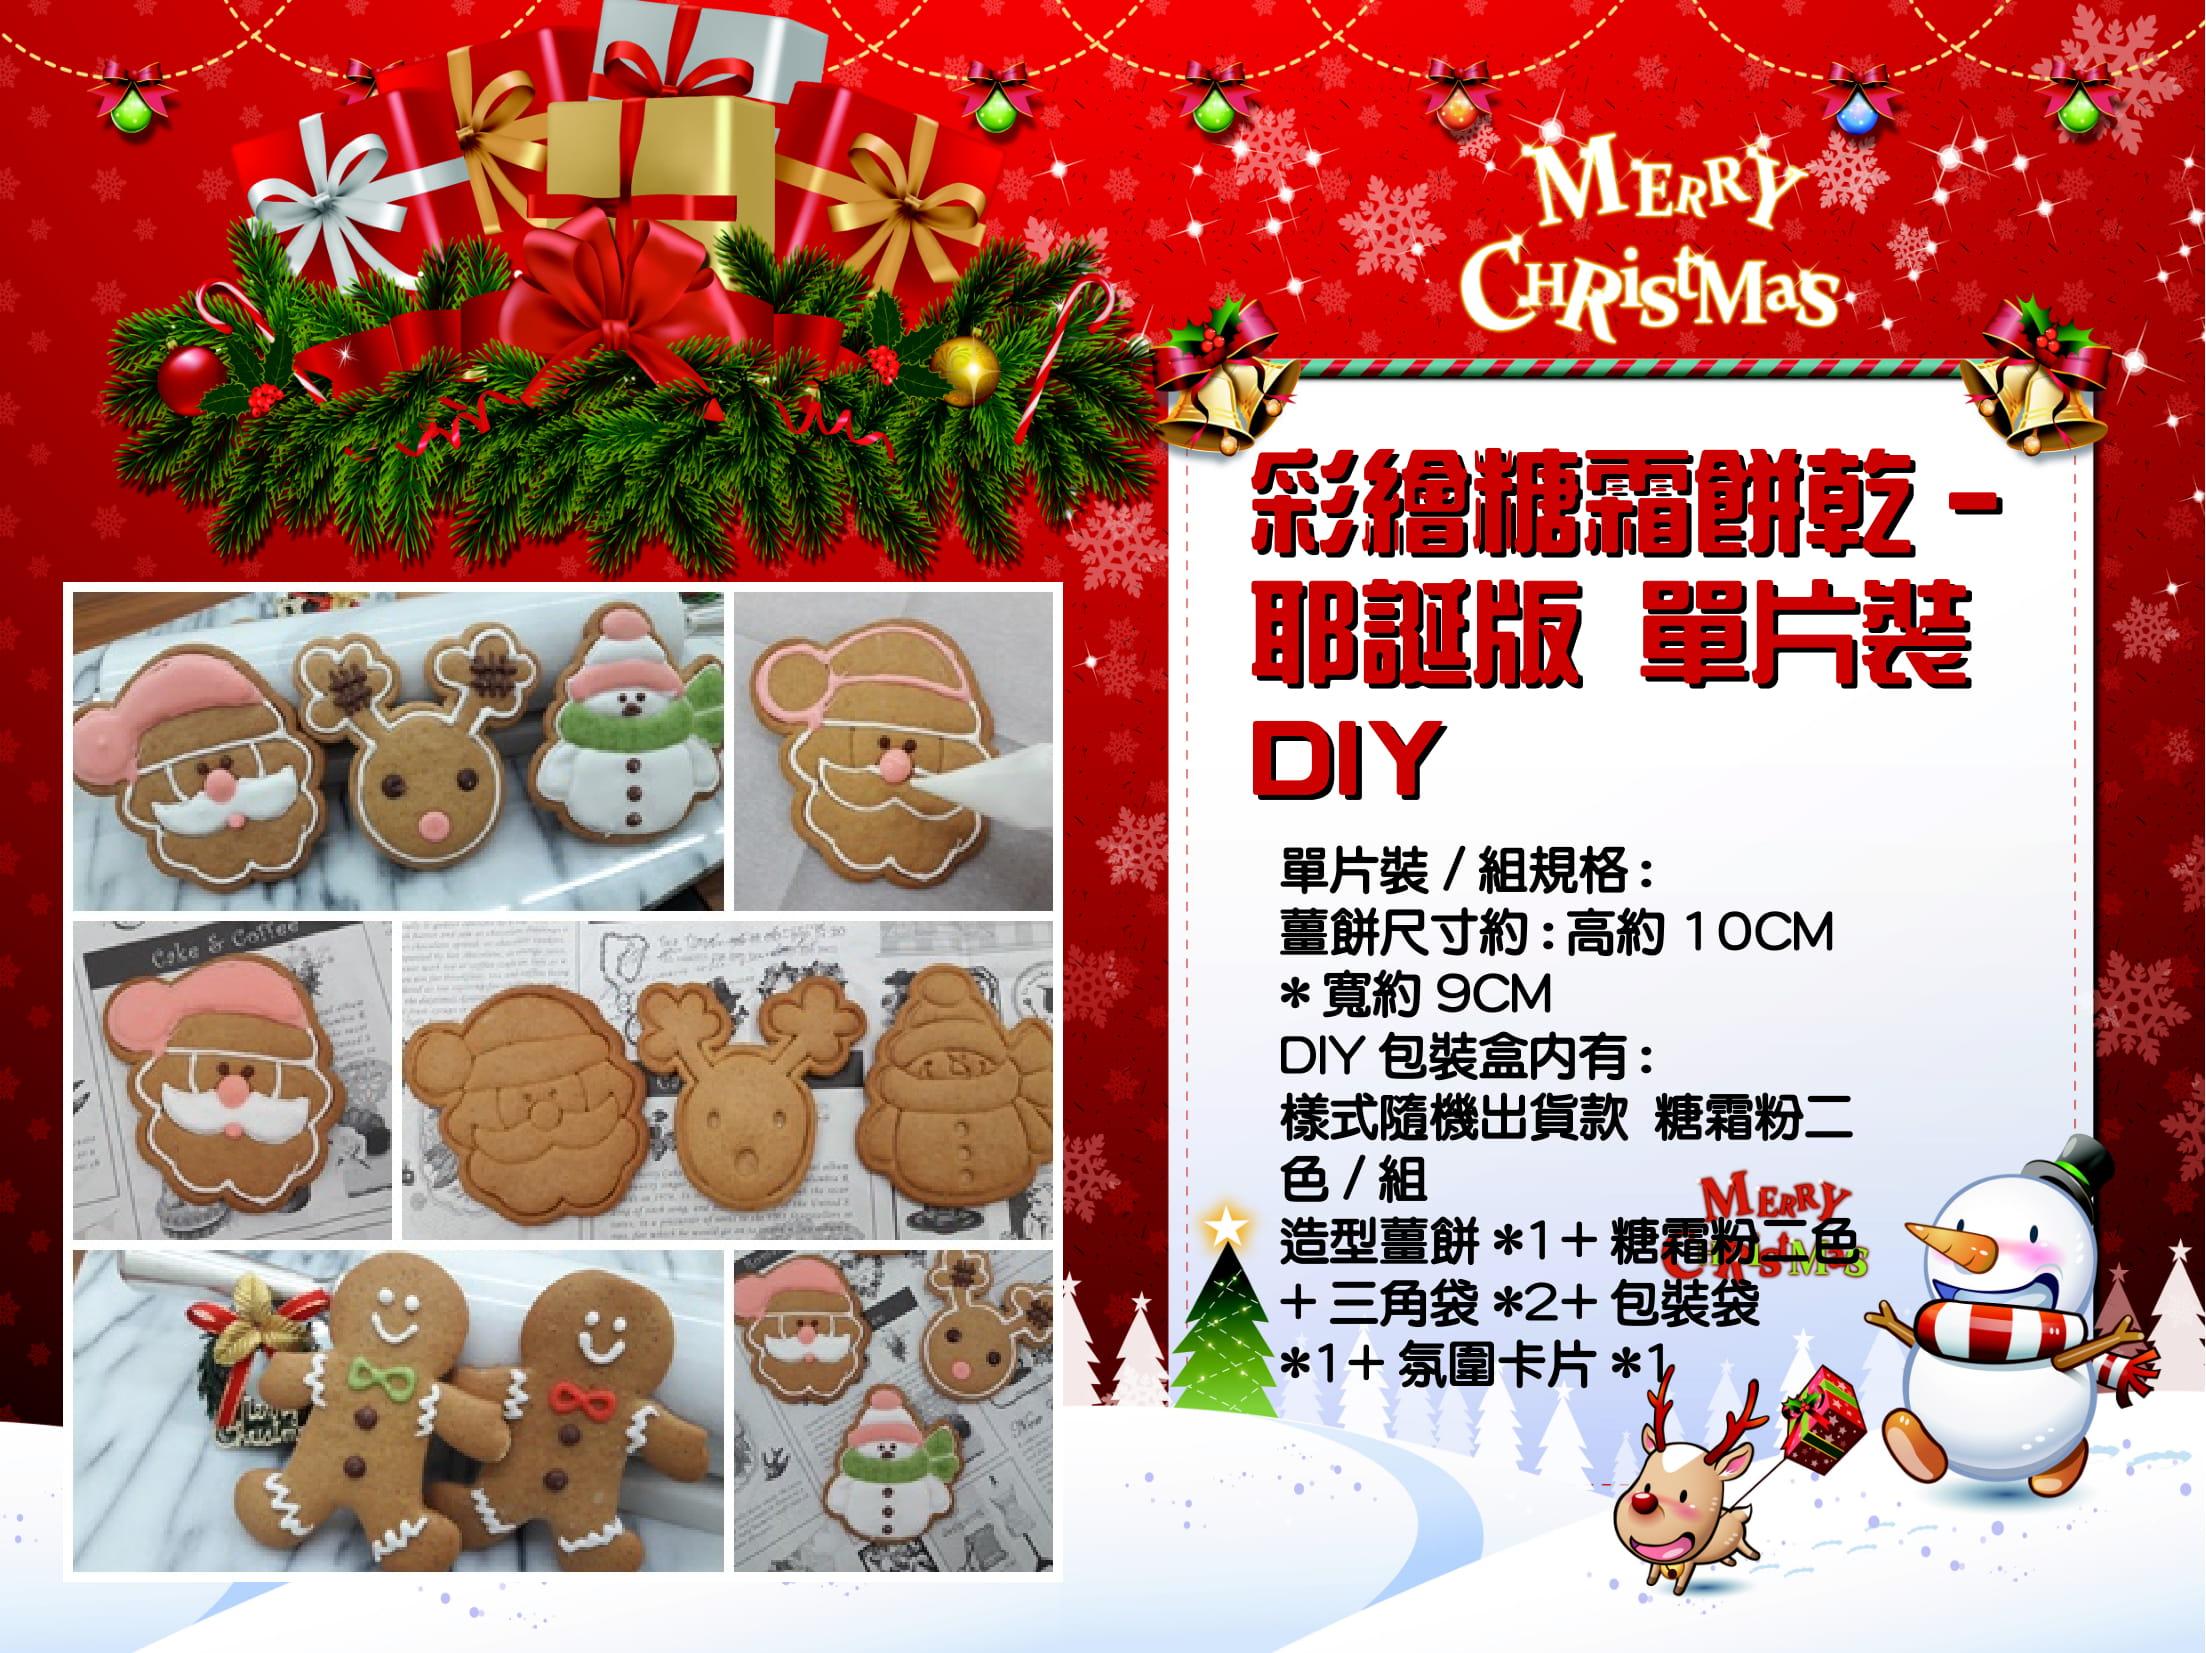 2.彩繪糖霜餅乾-耶誕版 單片裝DIY